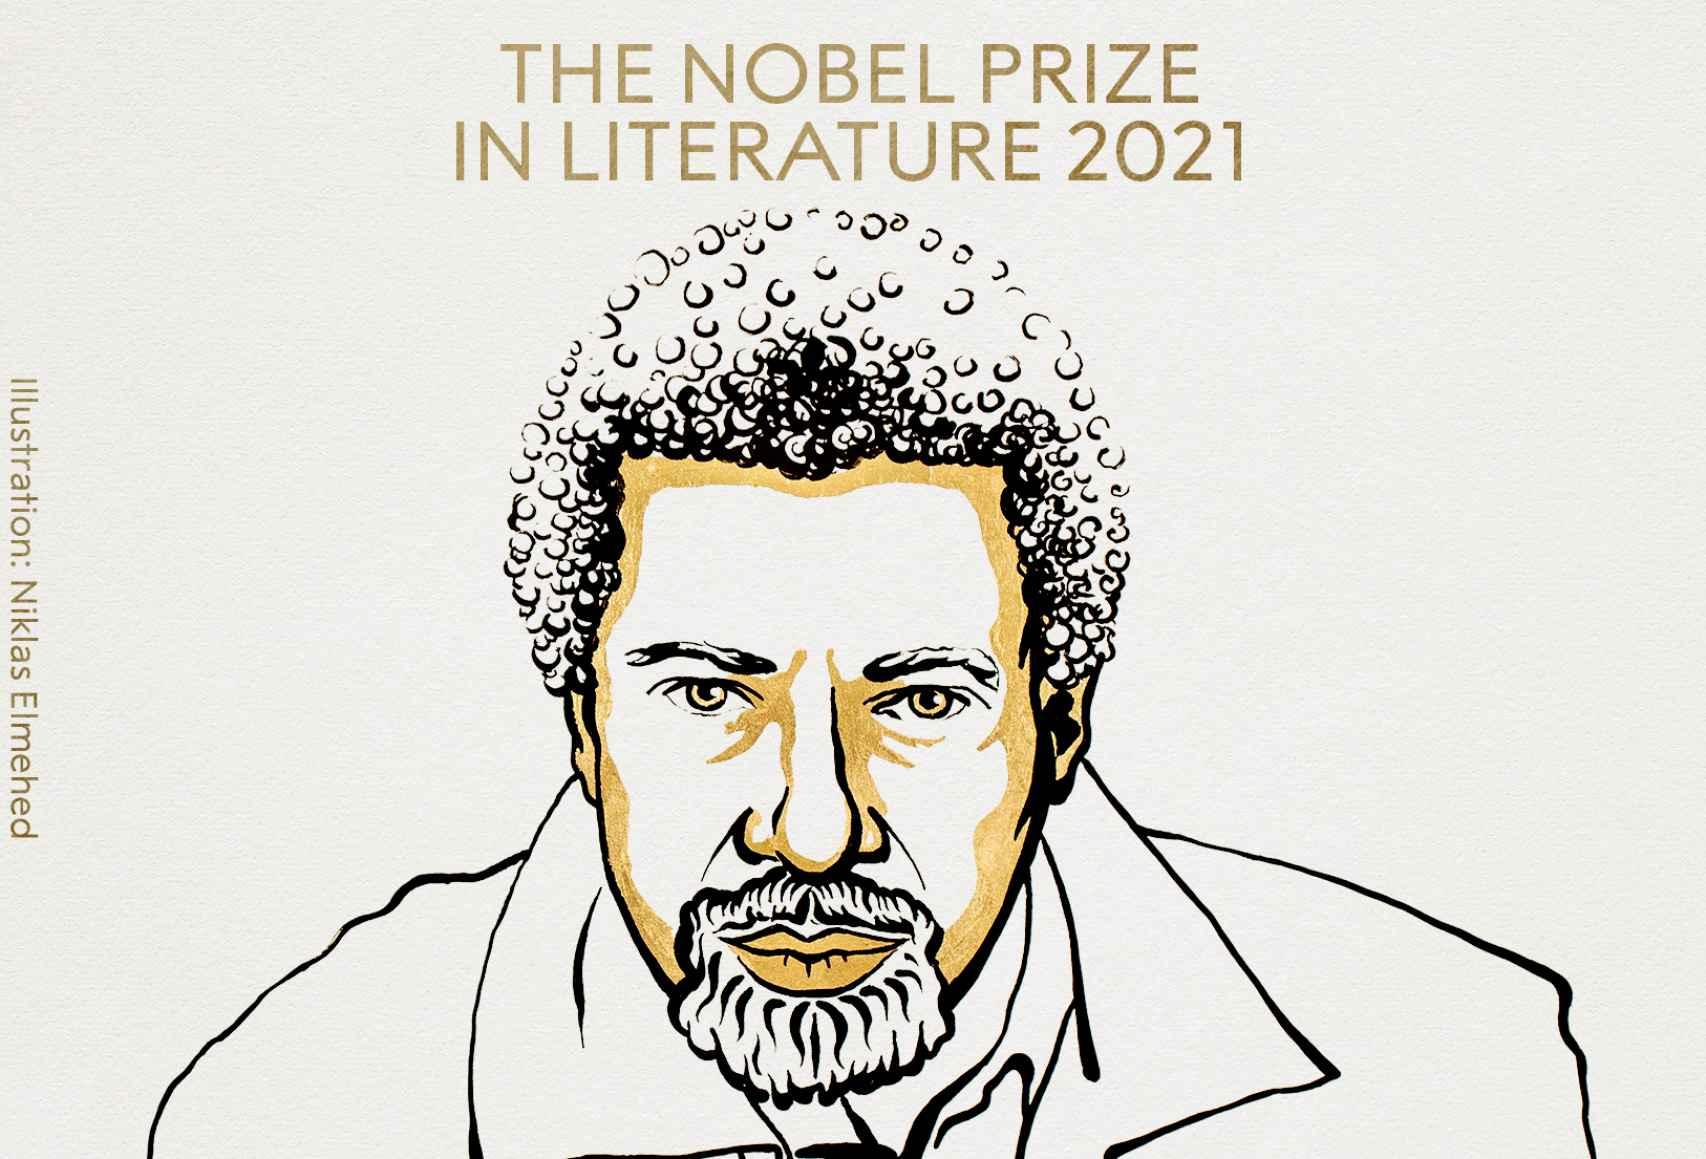 Abdulrazak Gurnah gana el Premio Nobel de Literatura 2021